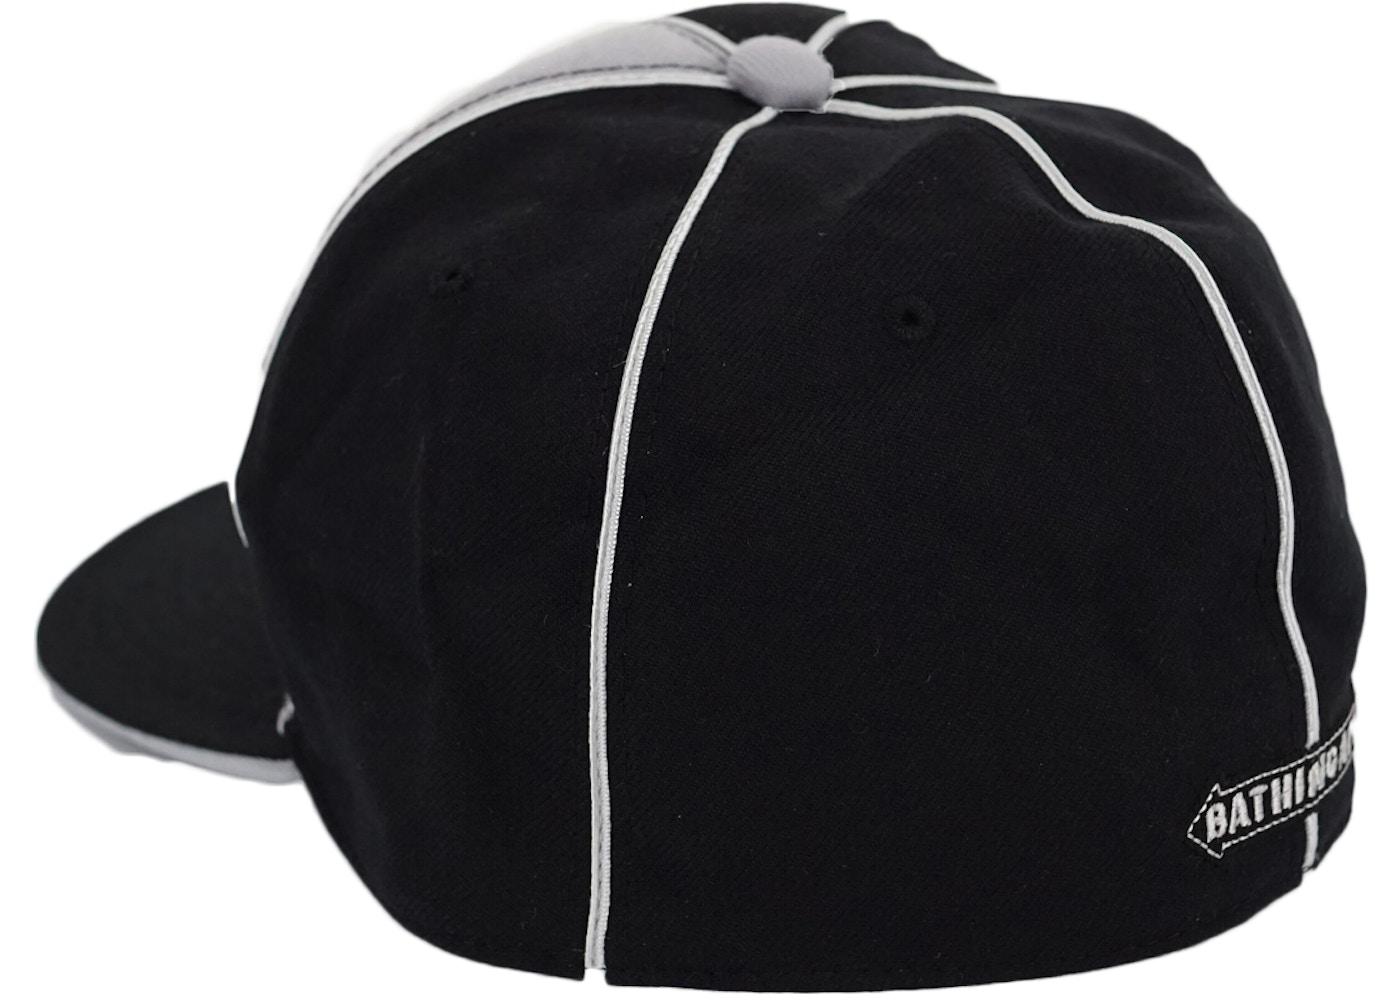 e5d0449401ff Streetwear - Bape Headwear - Most Popular